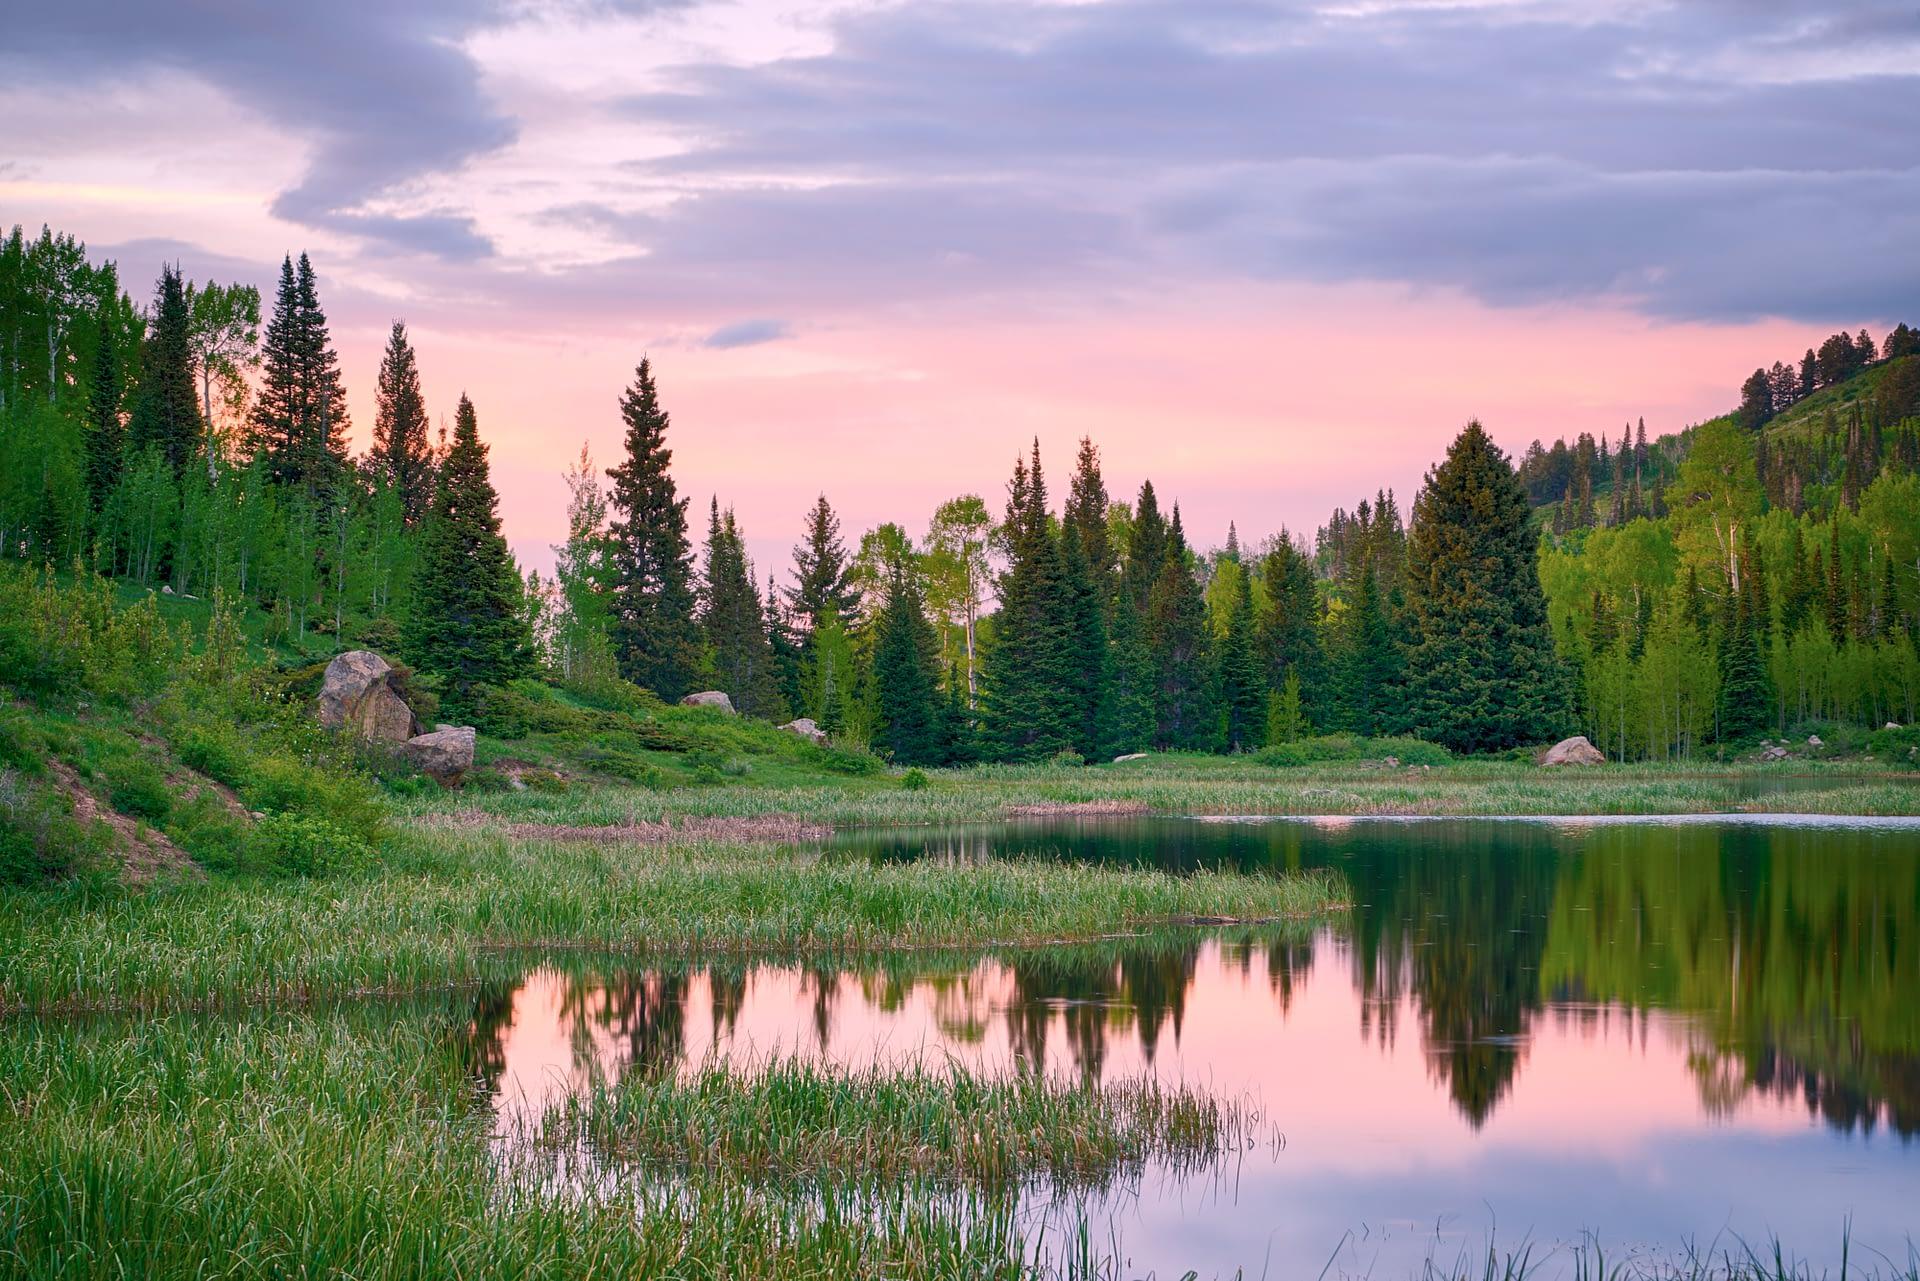 Sunset at Lake Ridge Lakes on the Thompson Divide